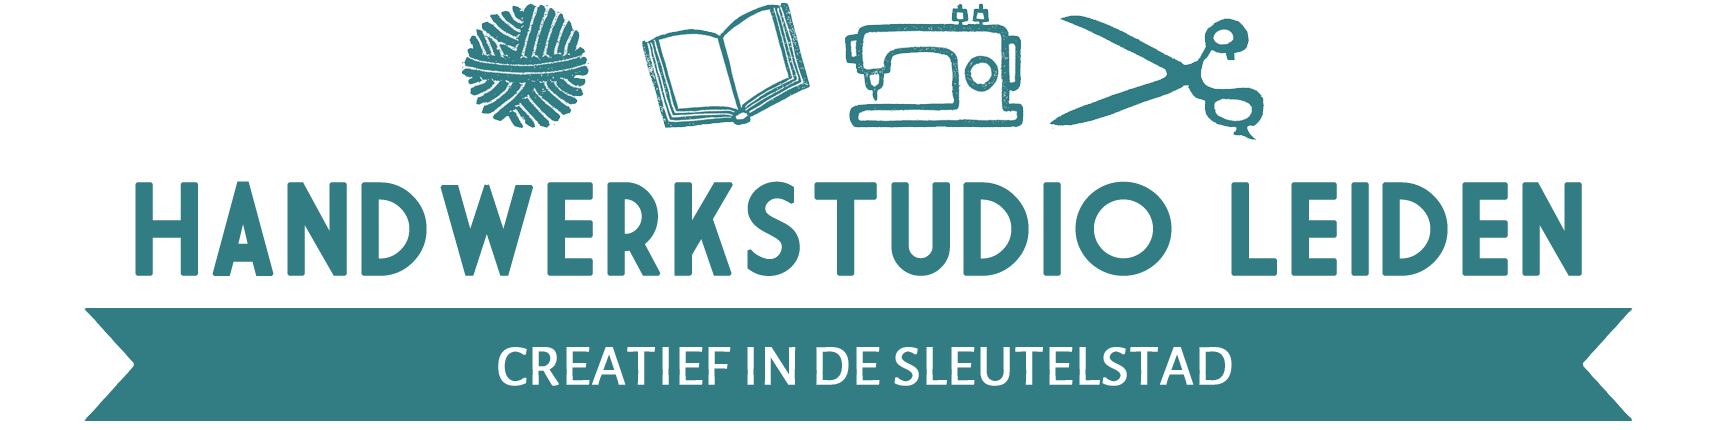 Handwerkstudio Leiden